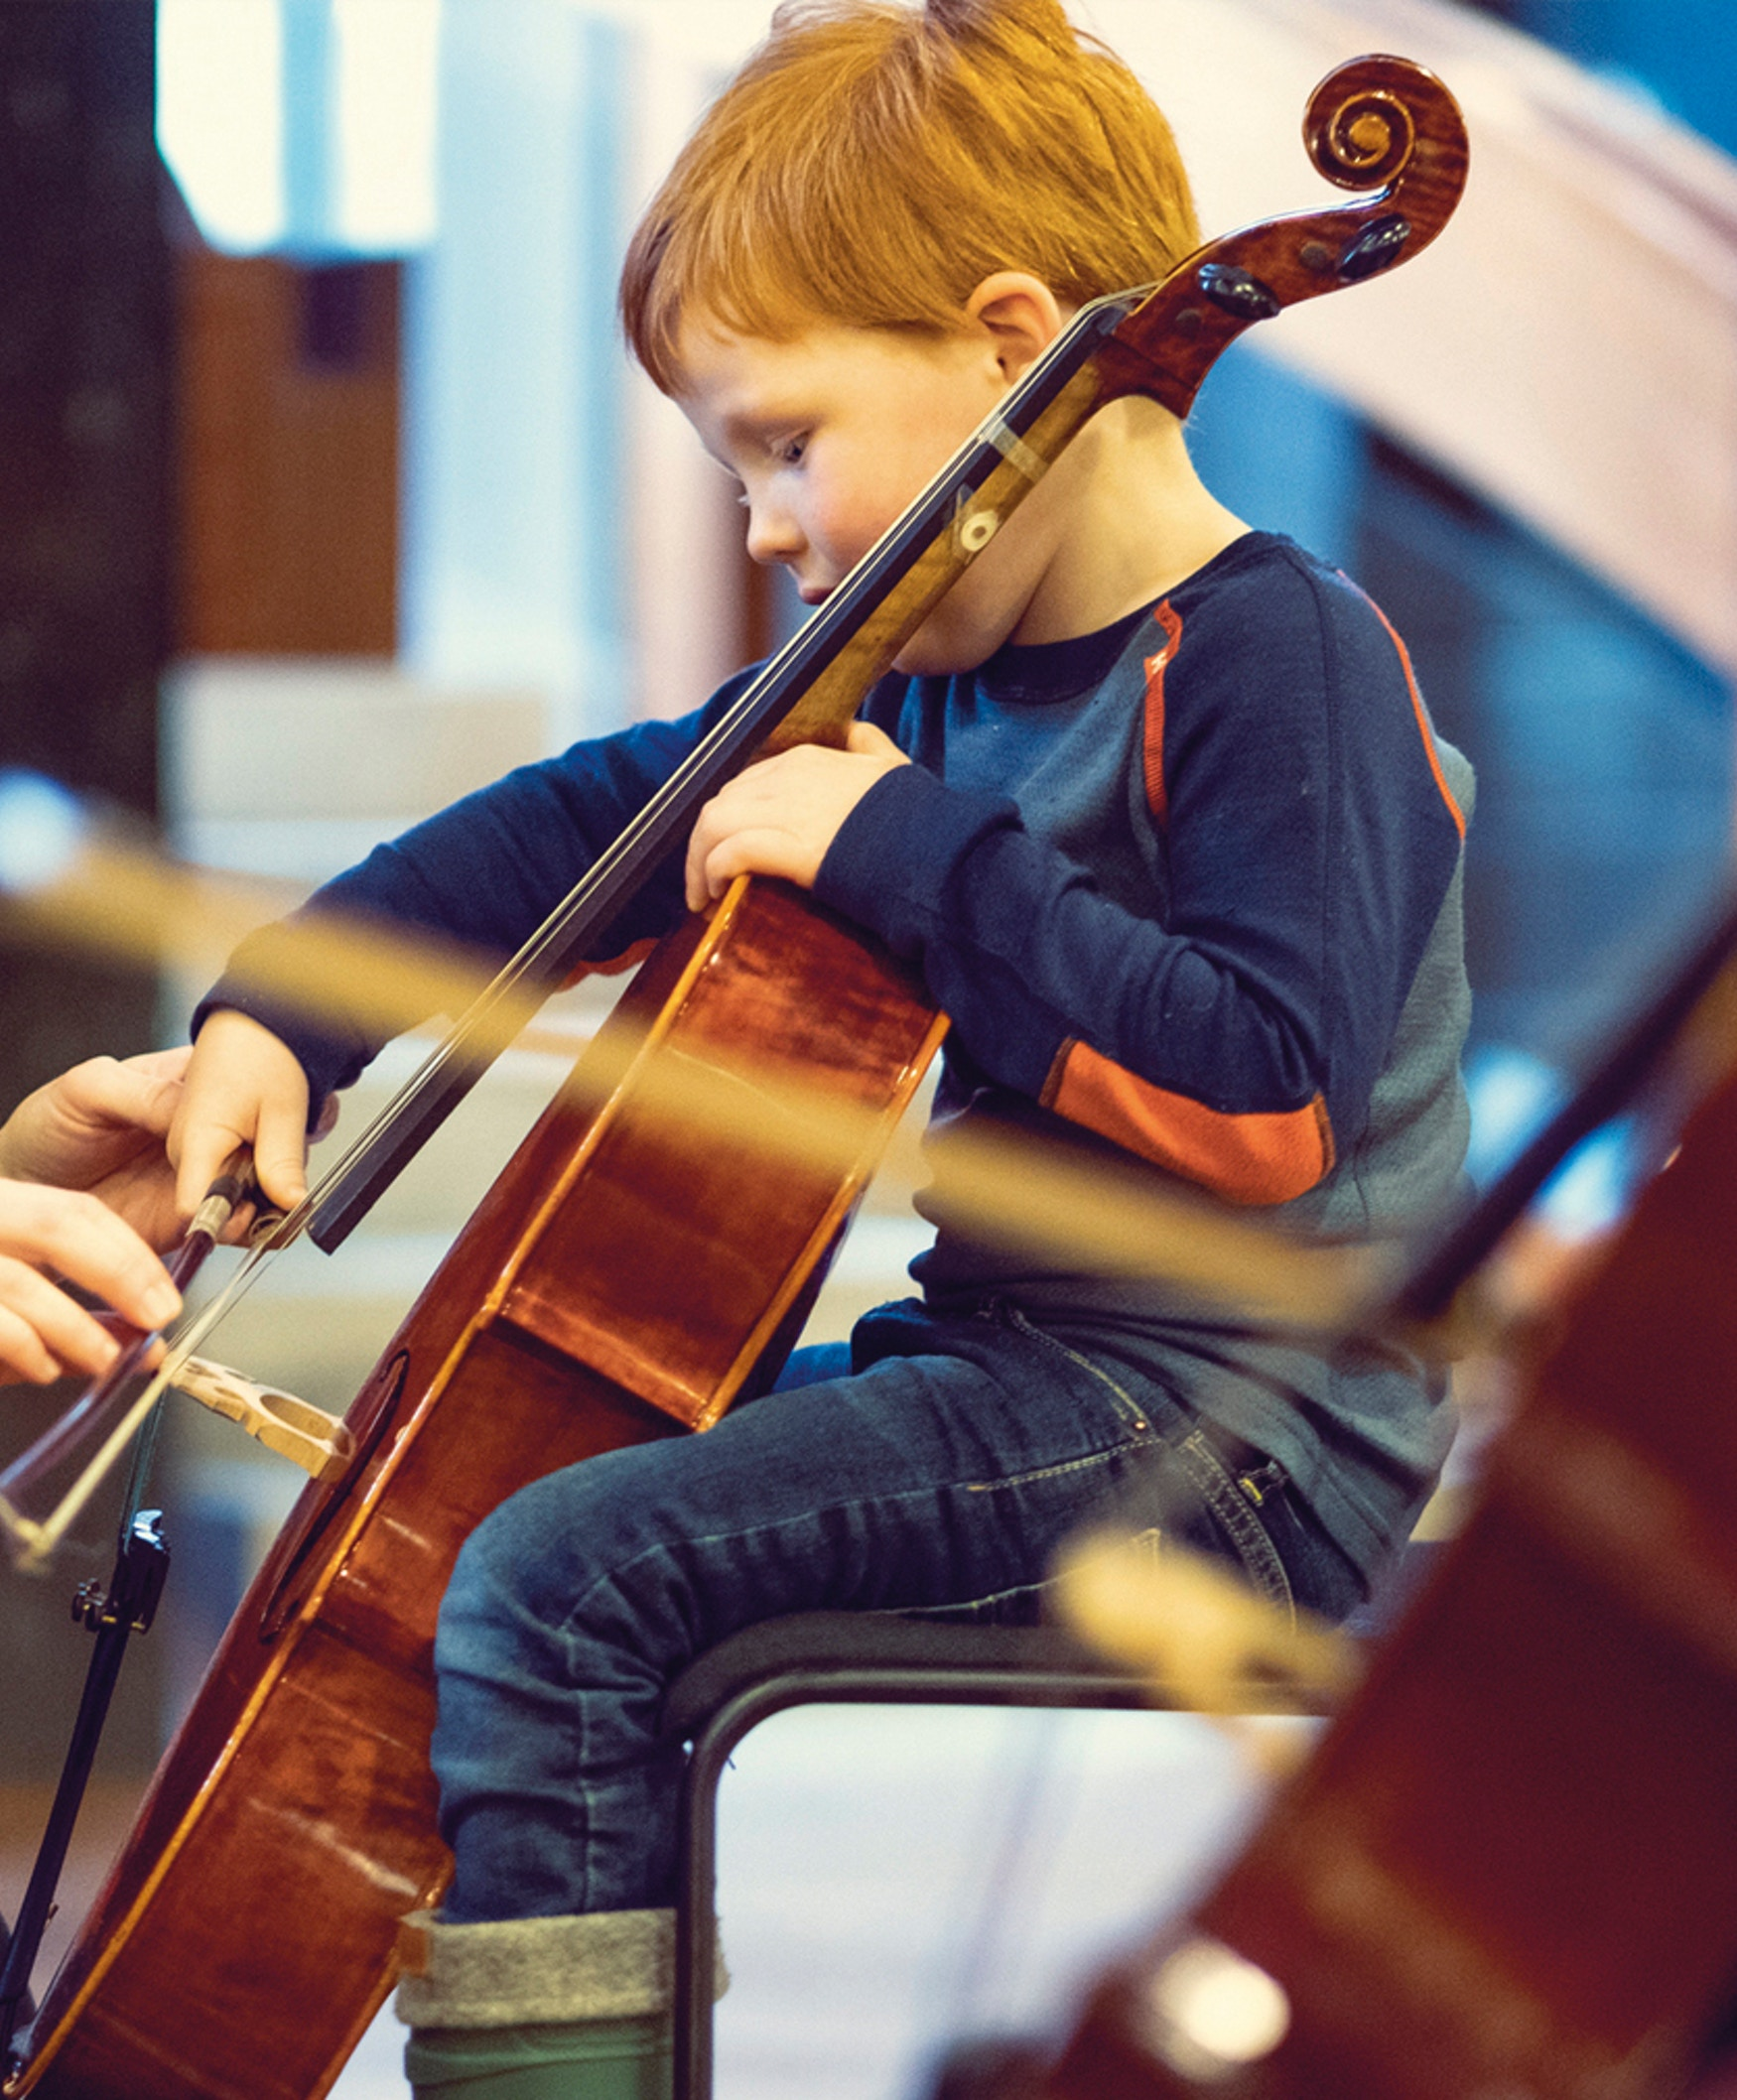 Barn prøver en cello